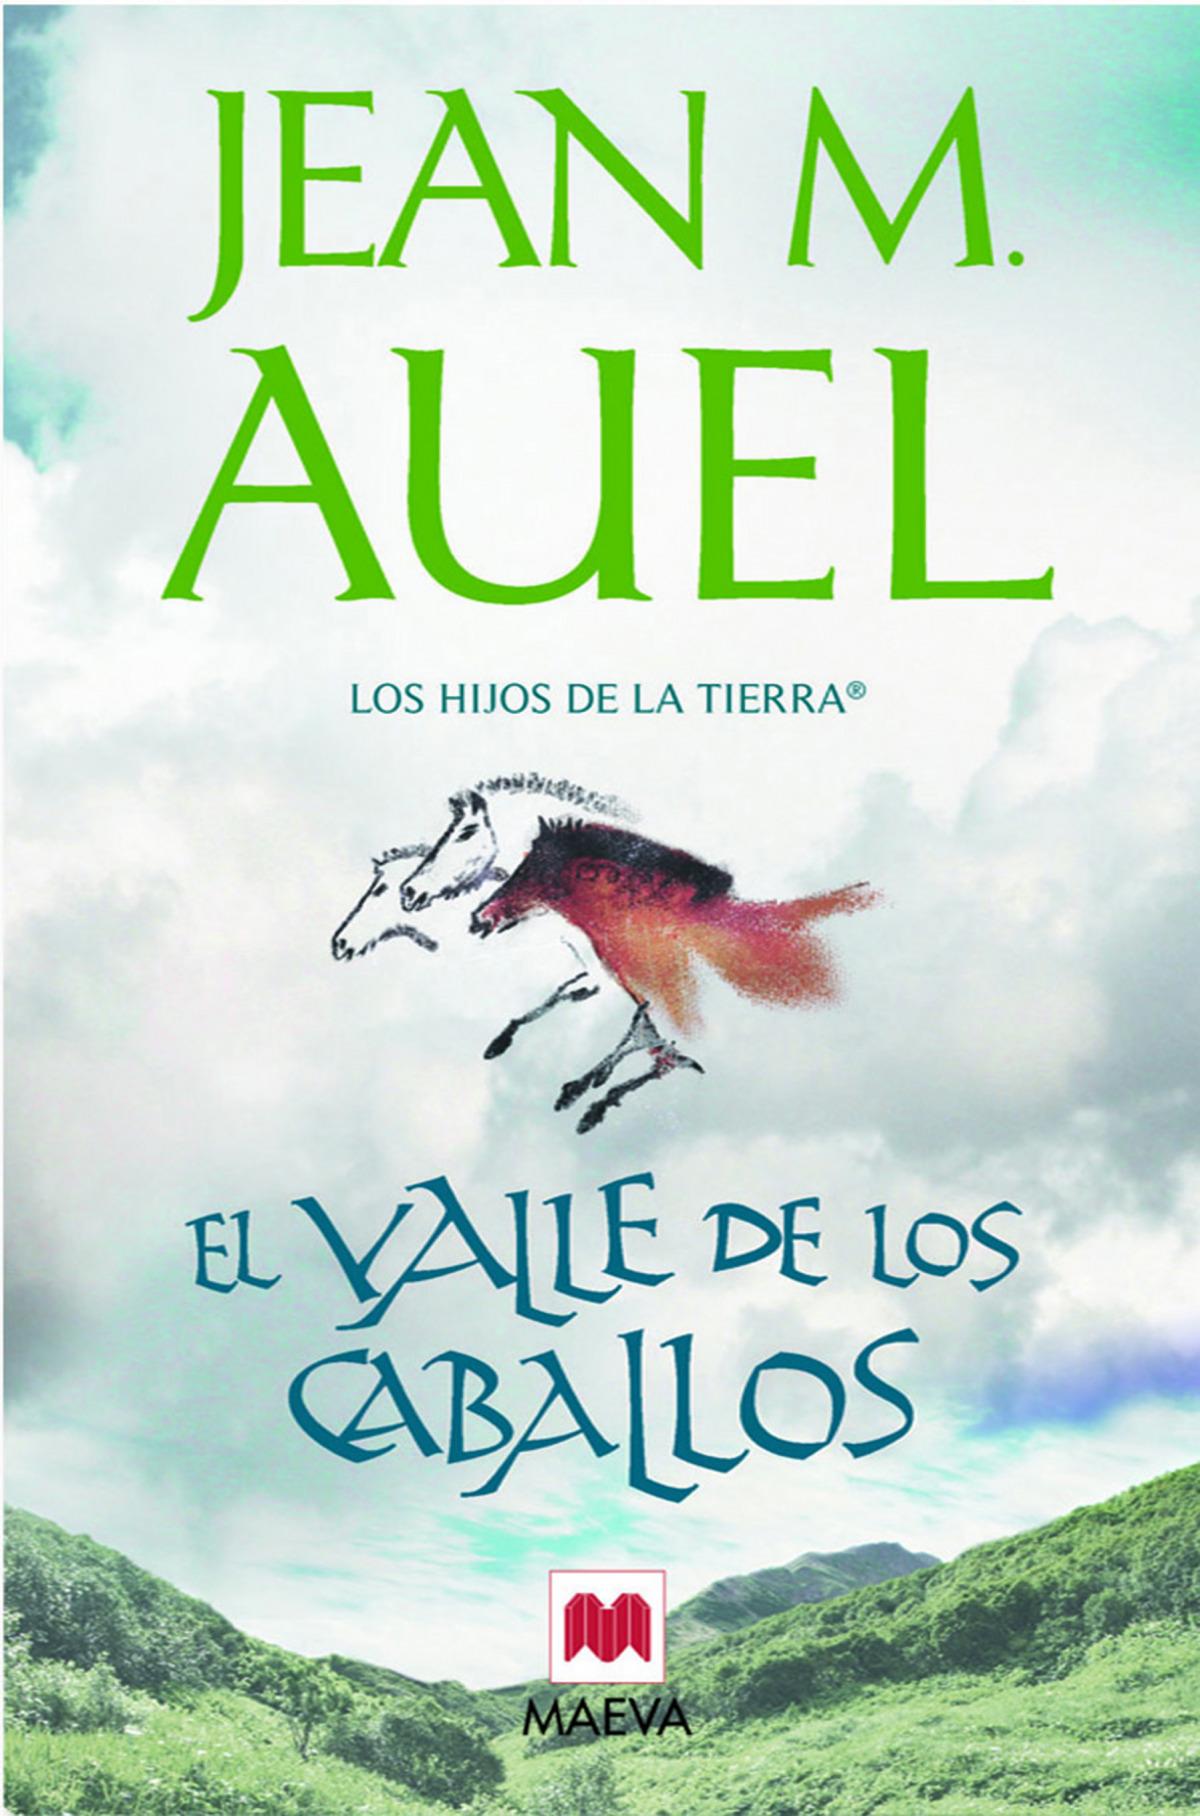 Valle de los caballos 9788415120148